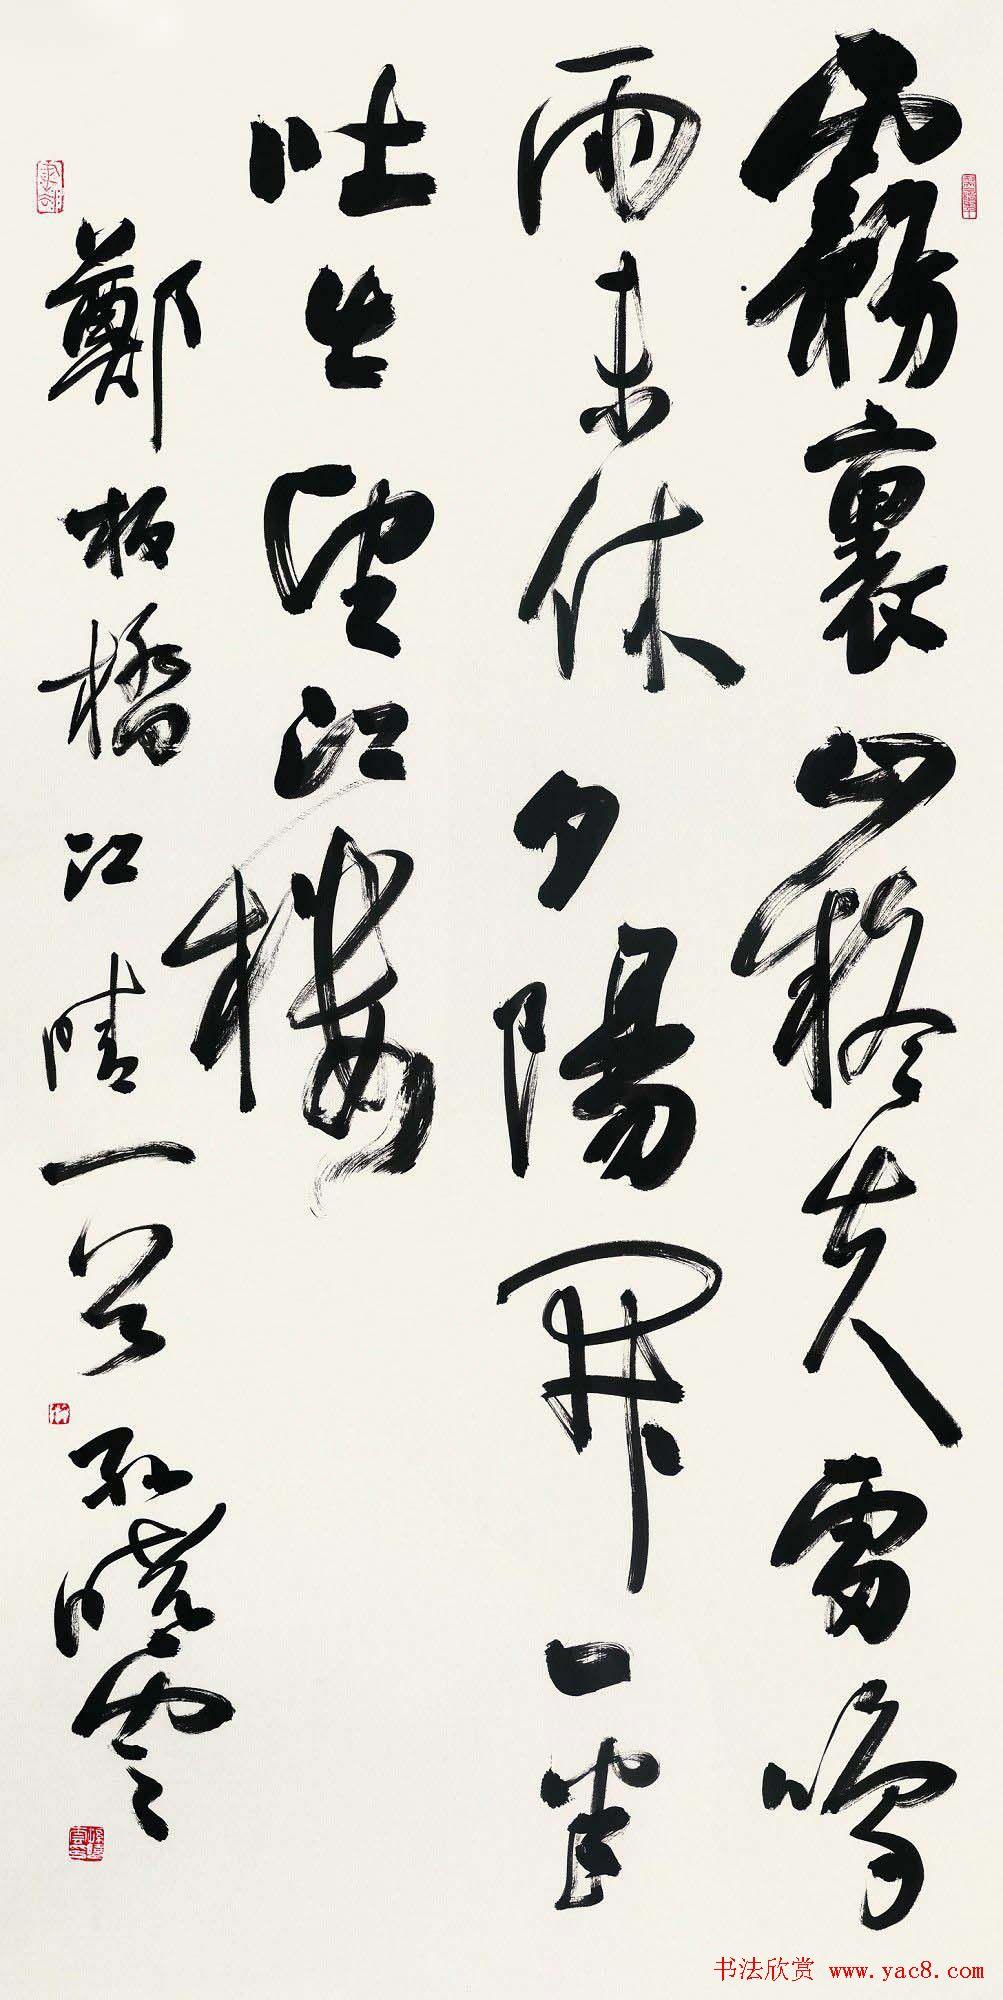 孙晓云书法作品展示专辑 第24页 毛笔书法 书法欣赏图片